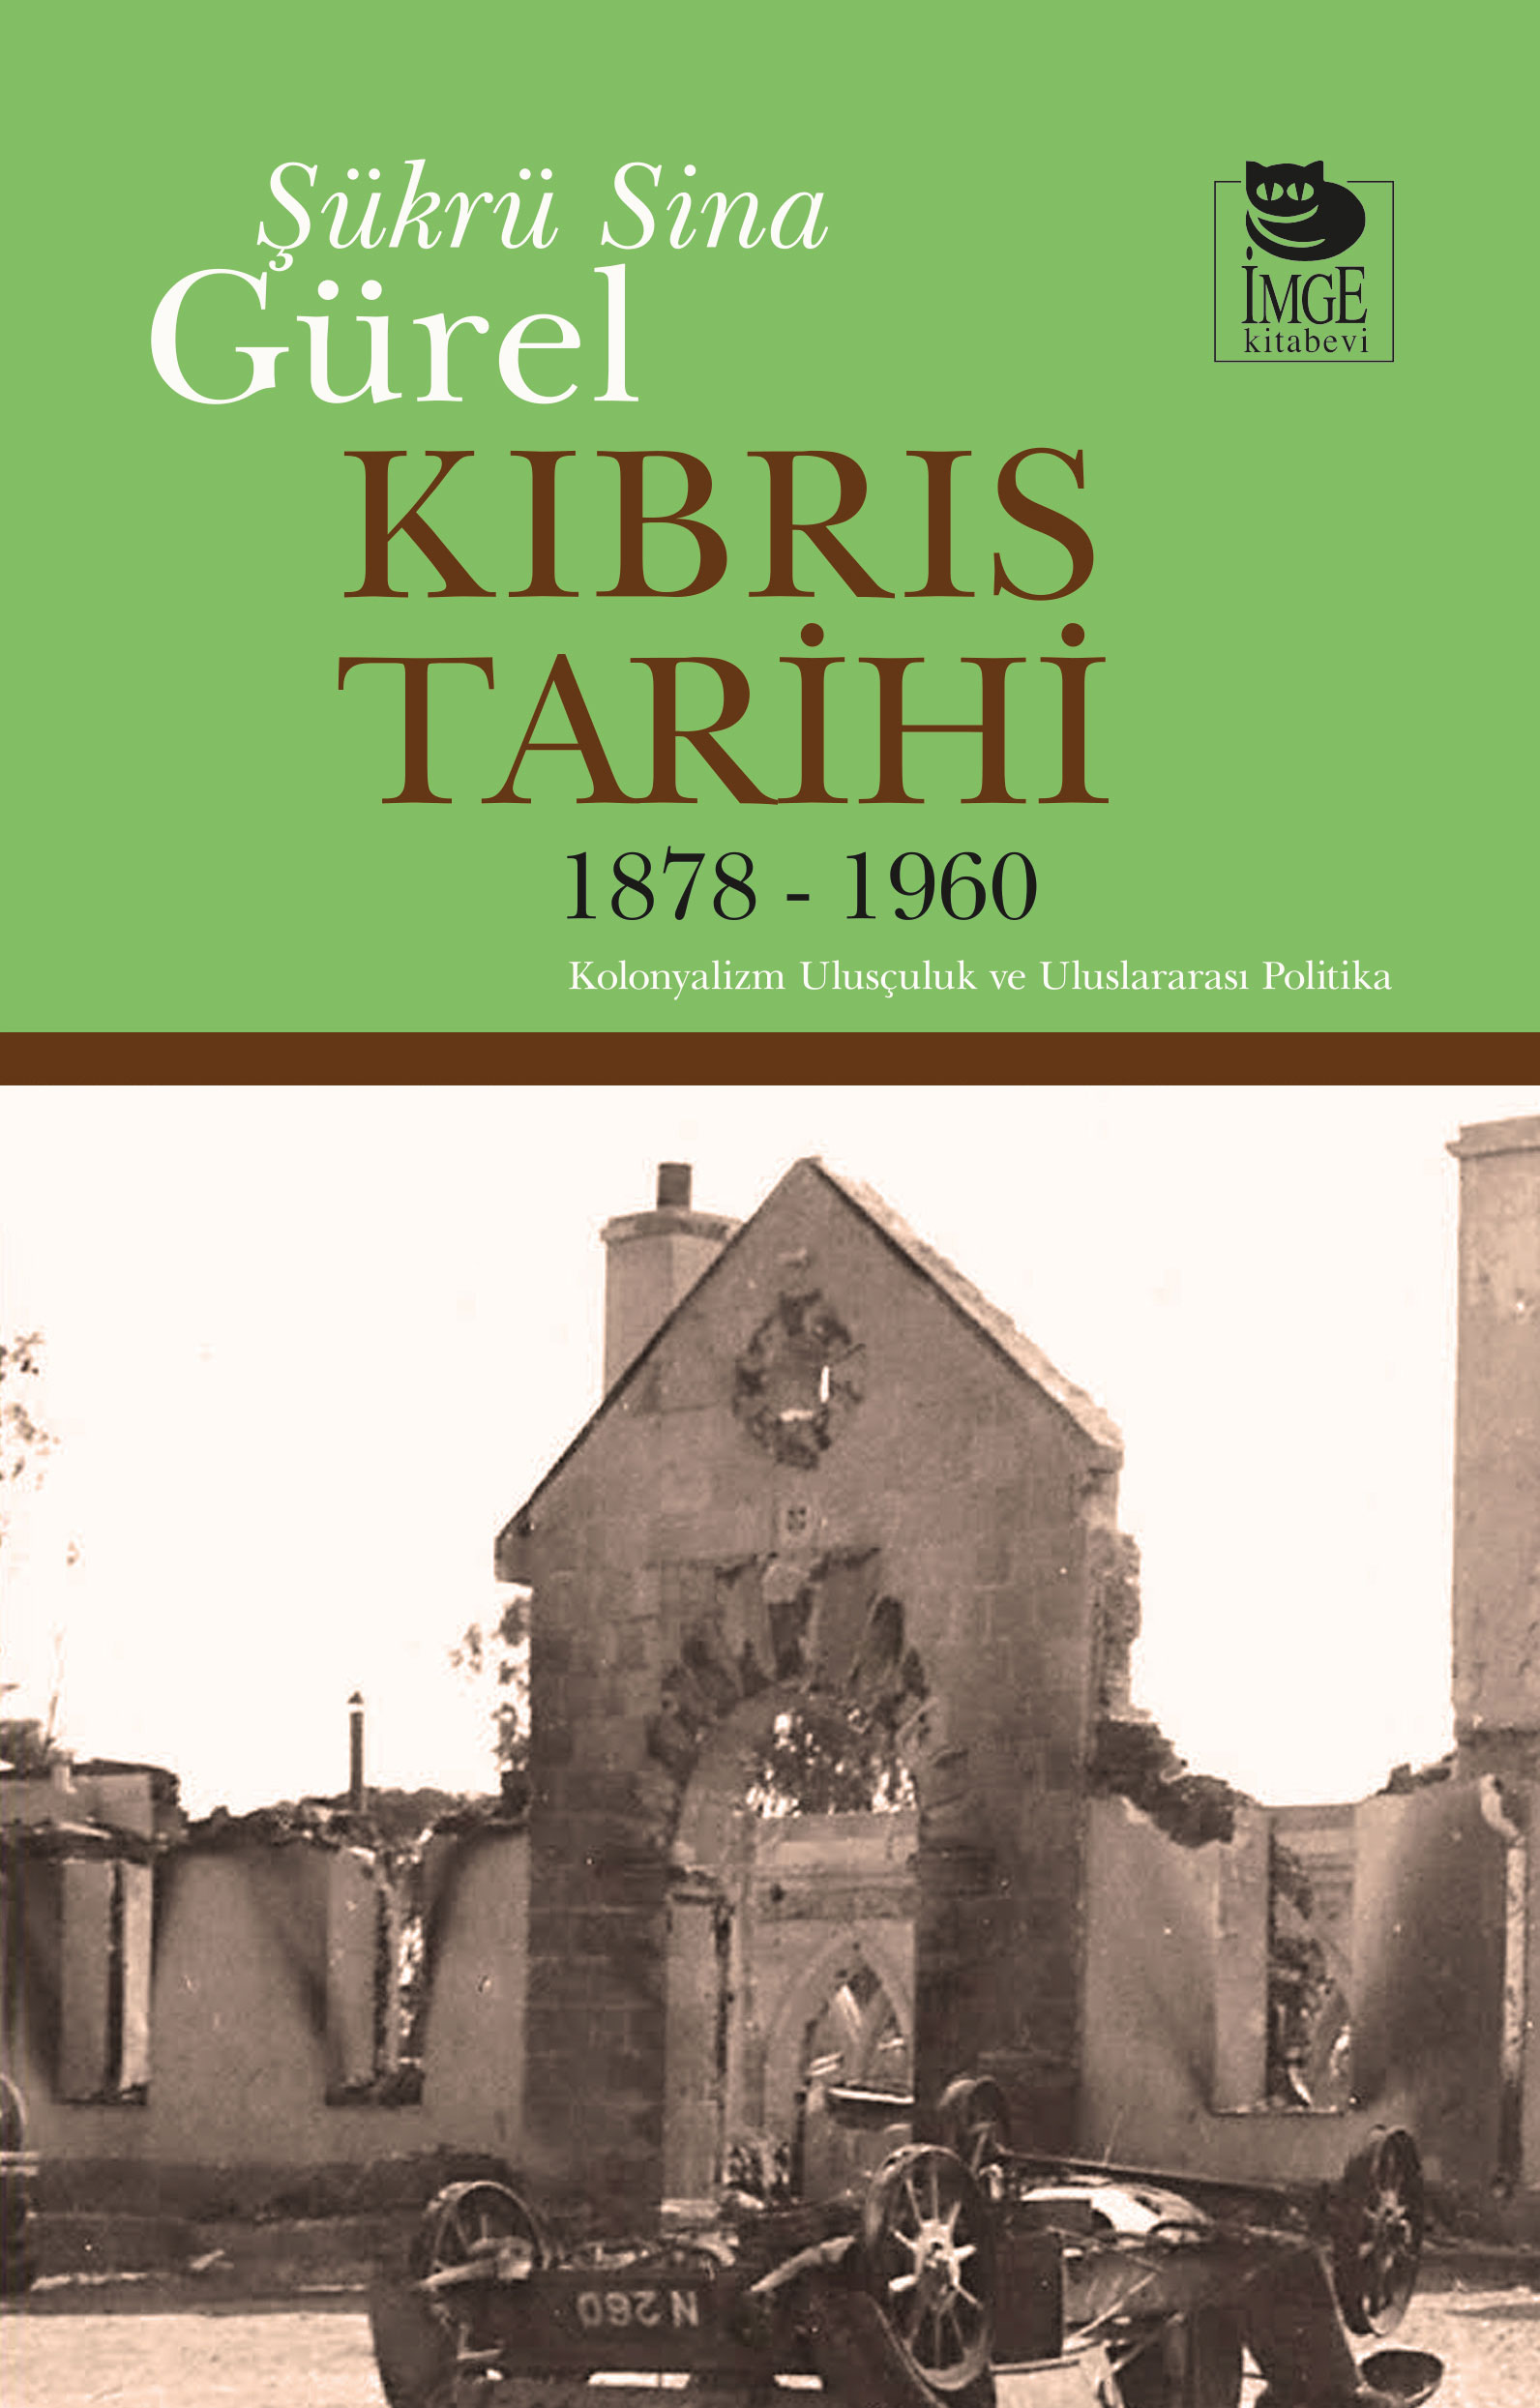 Kıbrıs Tarihi 1878 - 1960; Kolonyalizm Ulusçuluk ve Uluslararası Politika